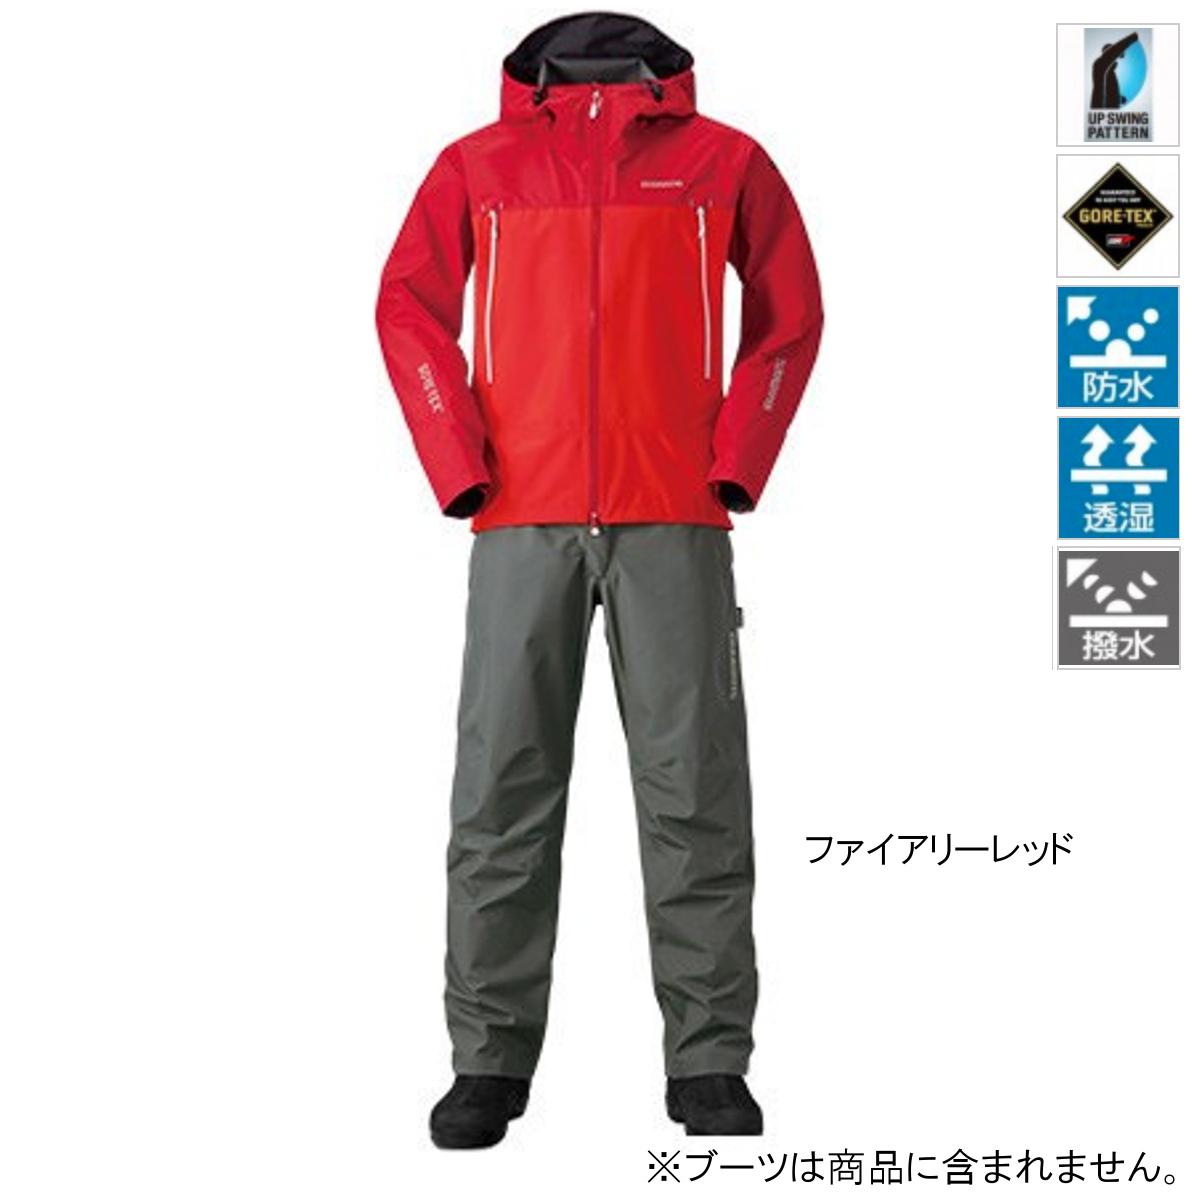 シマノ GORE-TEX ベーシックスーツ RA-017R M ファイアリーレッド【送料無料】